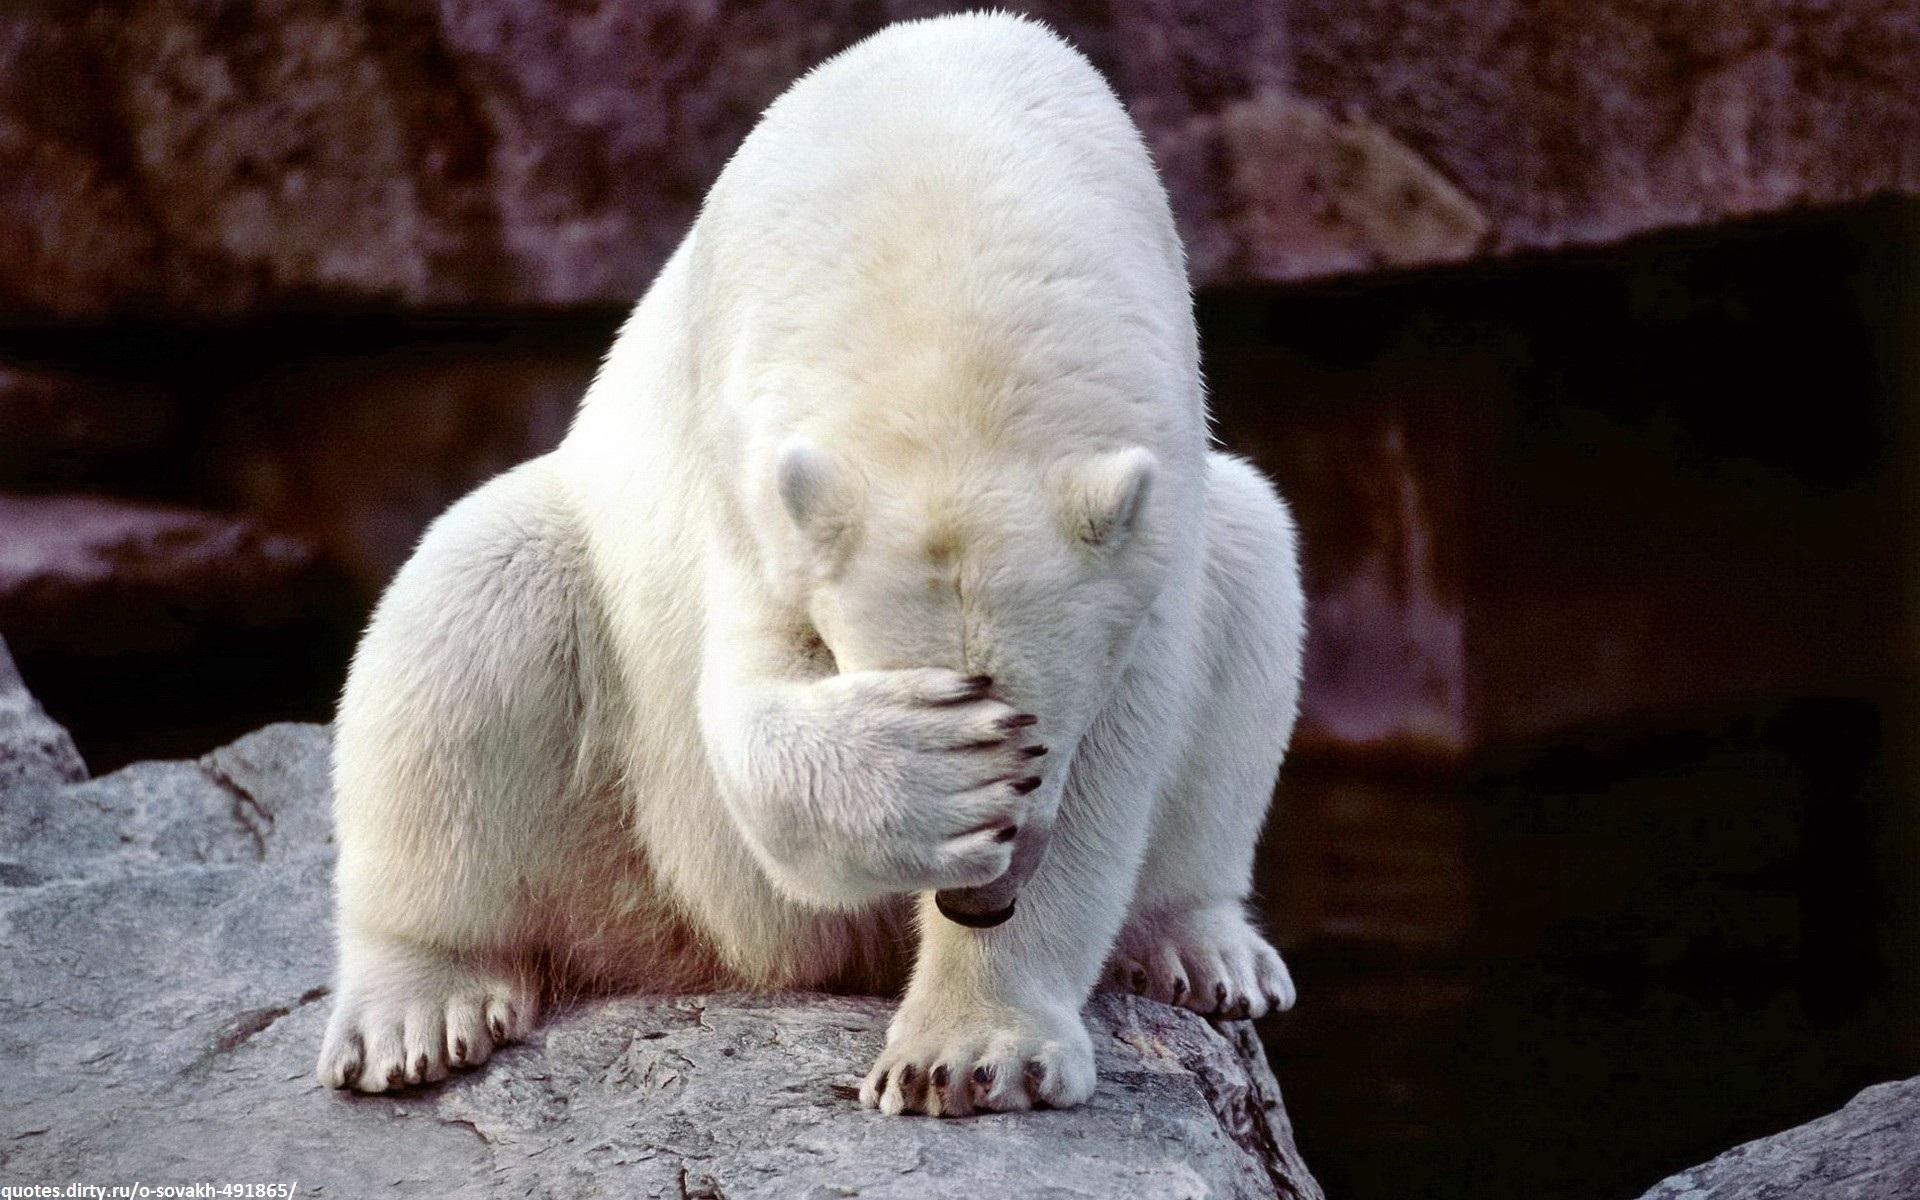 bear shame